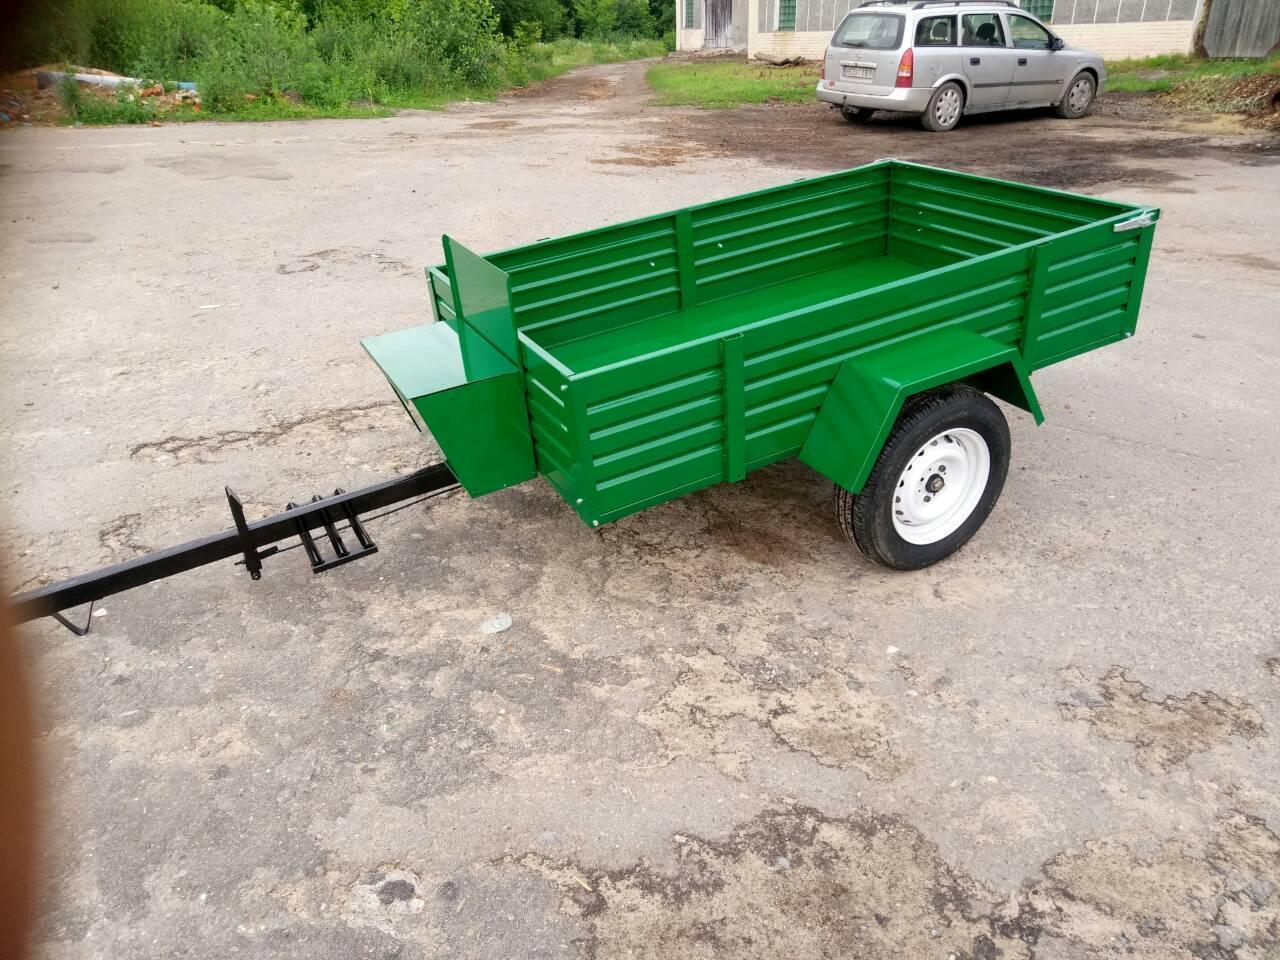 Прицеп мотоблочный ТМ ШИП сиденье со спинкой (190х115х38 см, под жигул. ступицу, без колес)